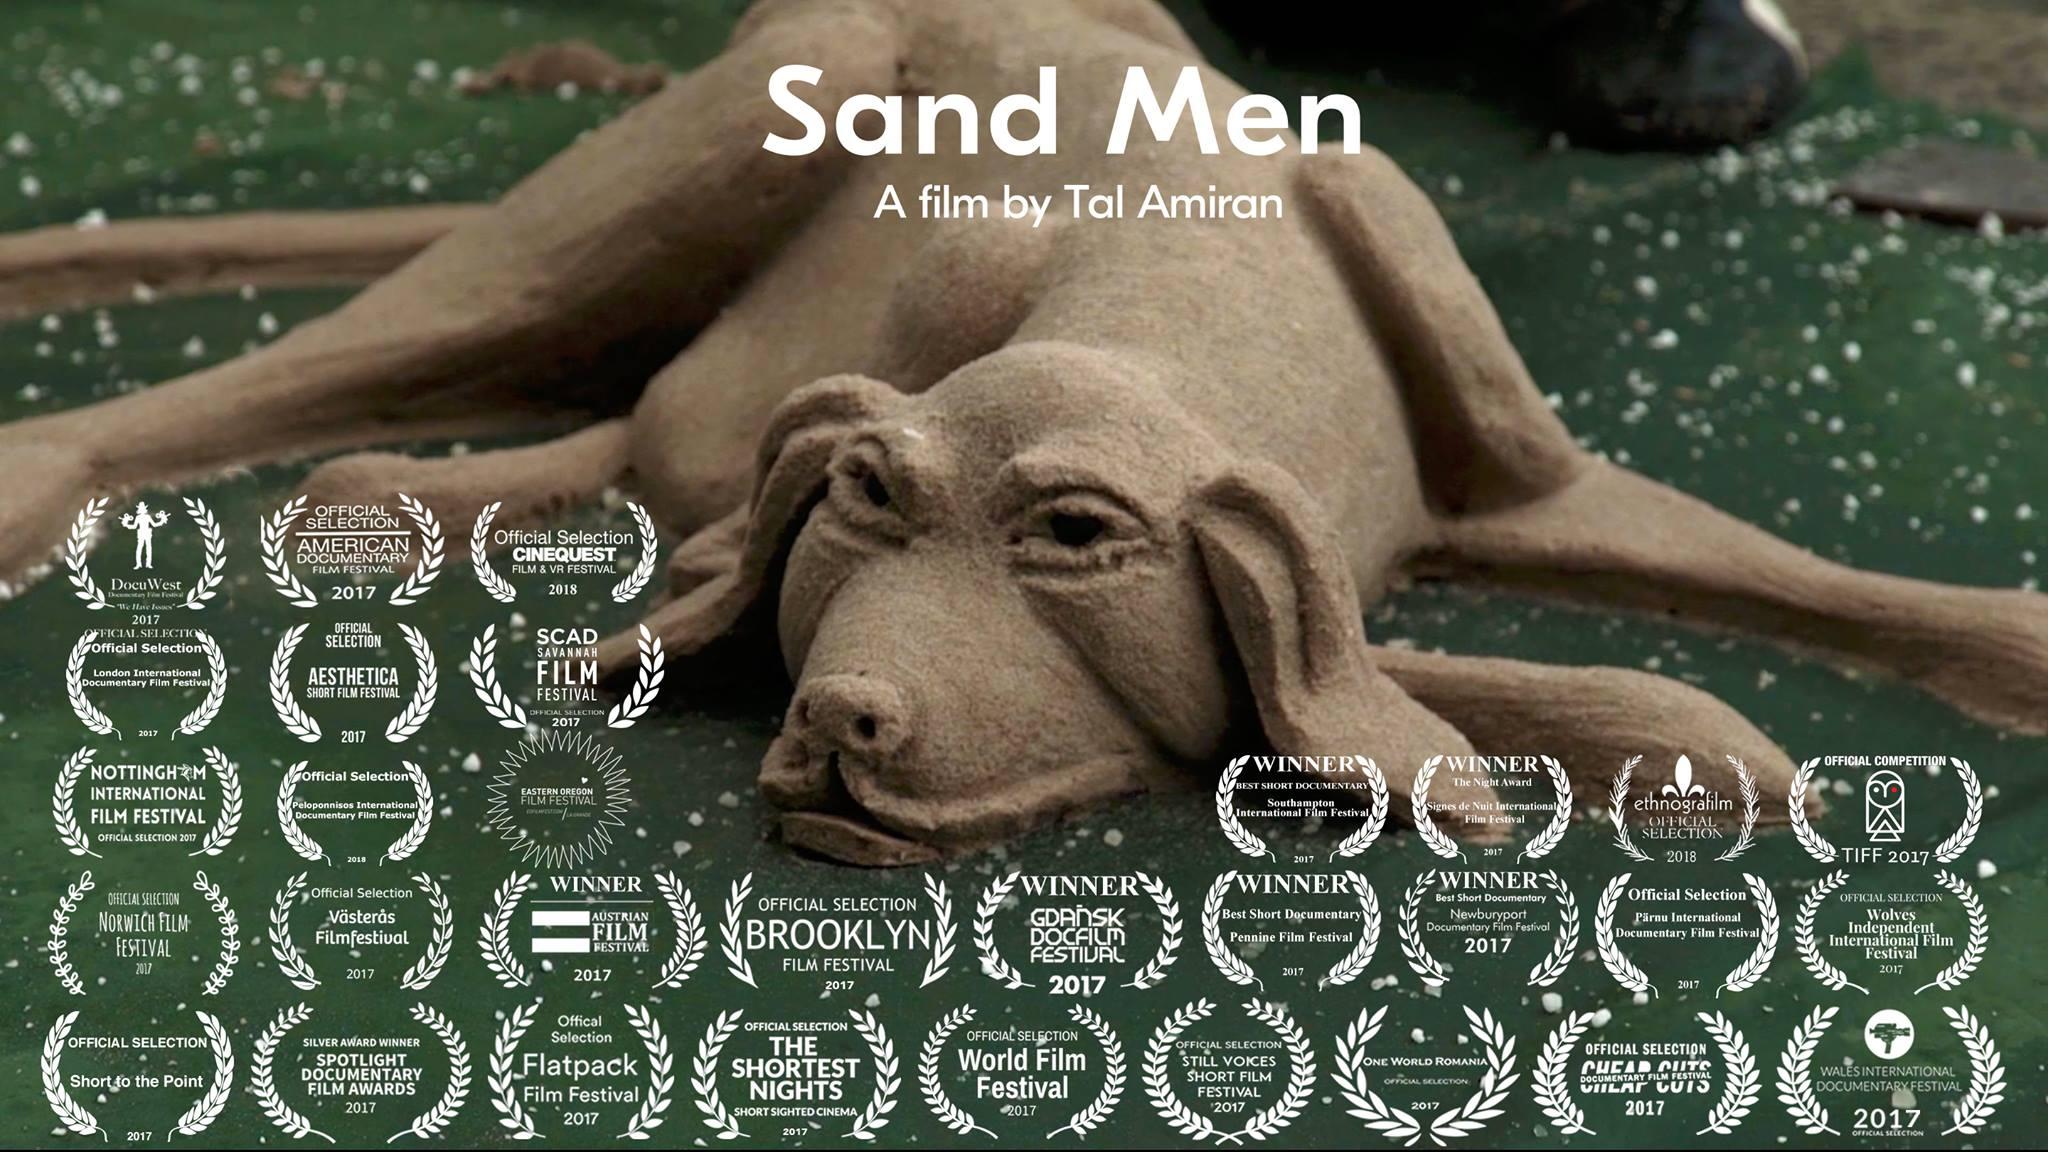 SAND MEN